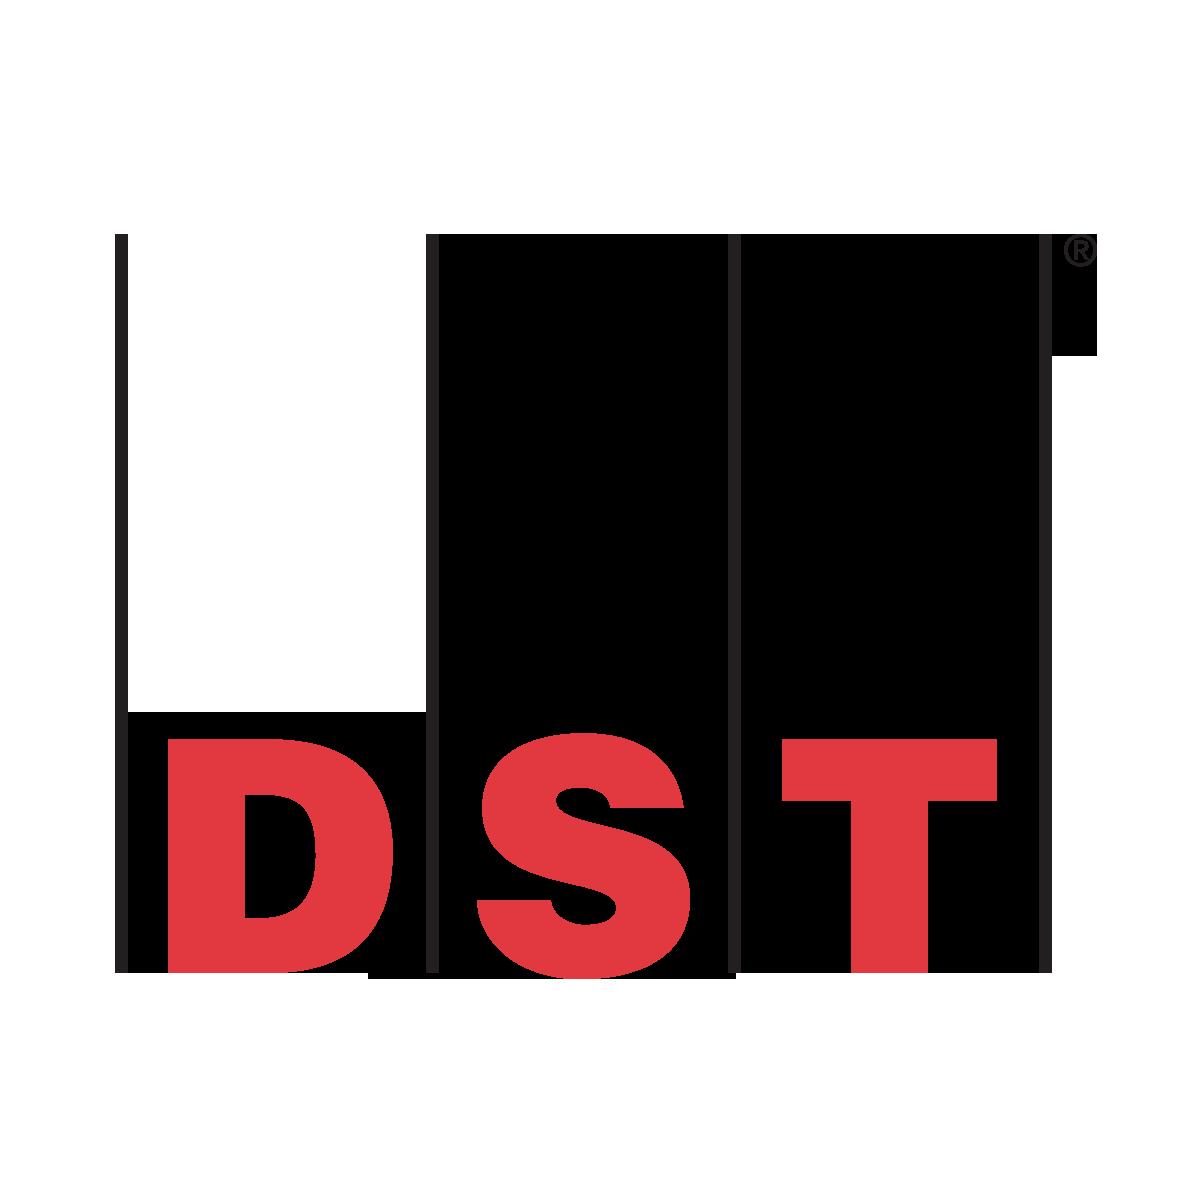 DZM, DST, C69 và AME bị nhắc nhở vi phạm trên toàn thị trường